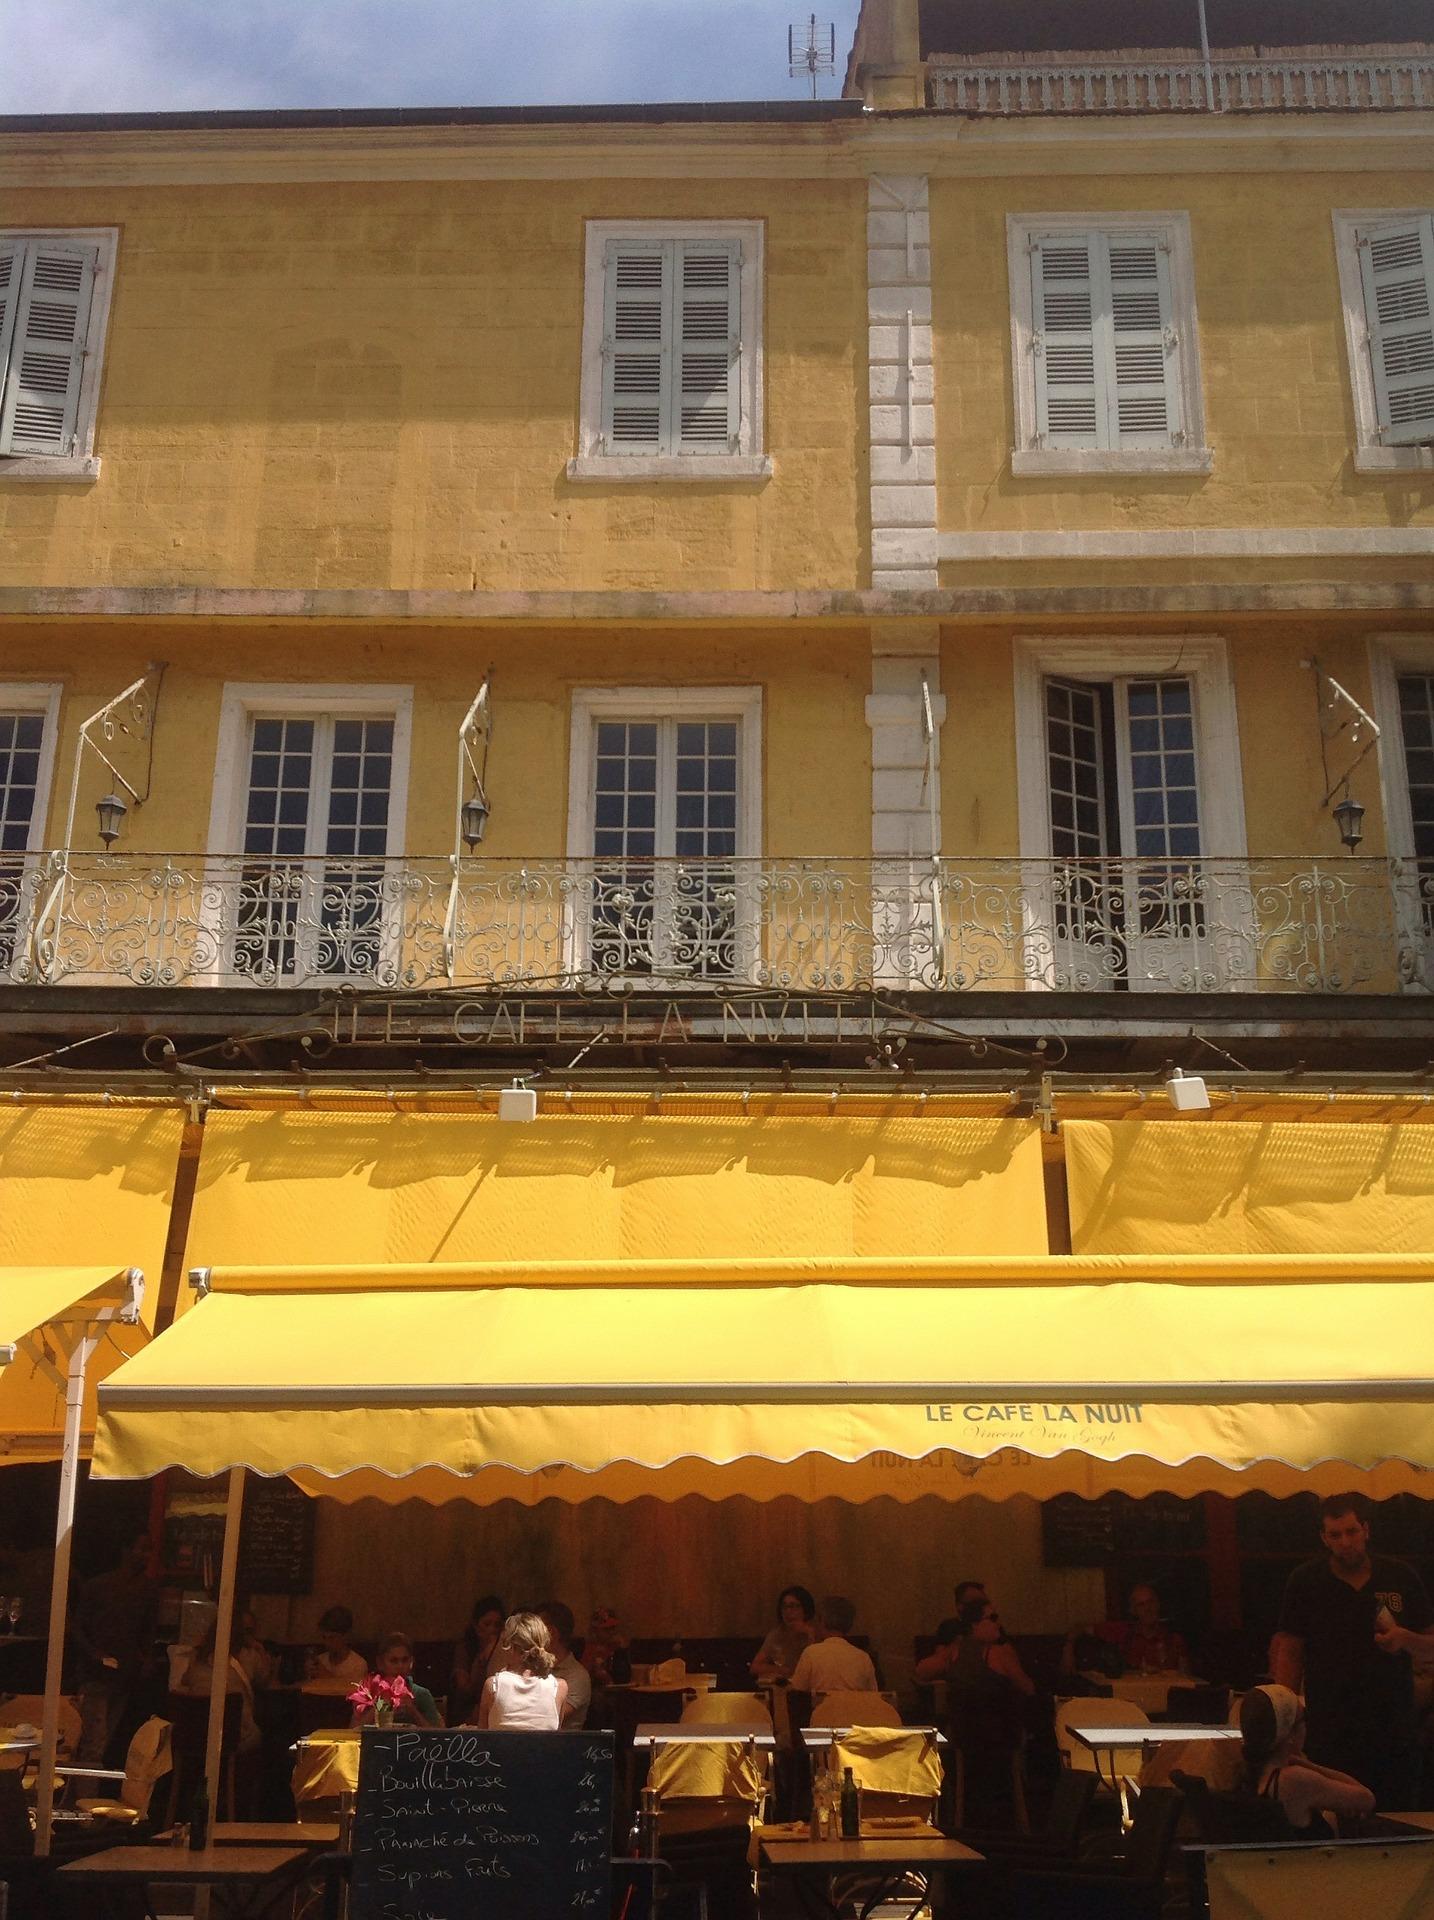 Arles Cafe, Van Gogh painting.jpg